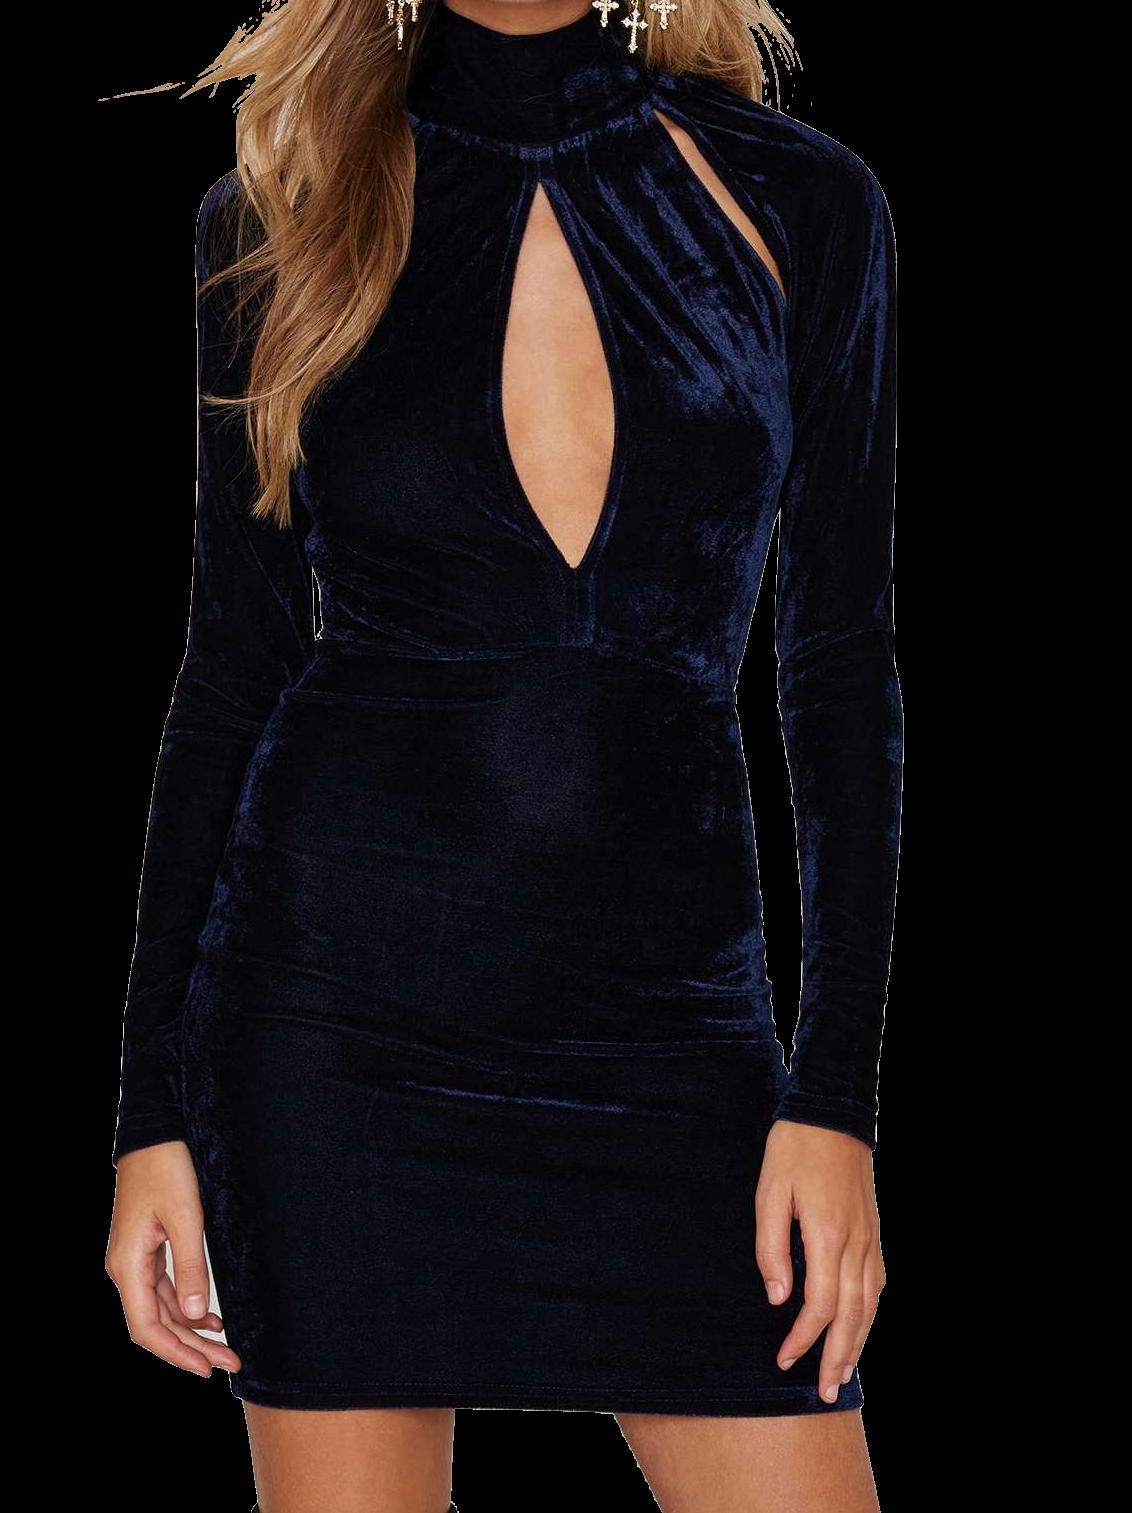 blue-velvet-long-sleeve-high-neck-short-bodycon-dress-featuring-cutout-detailing